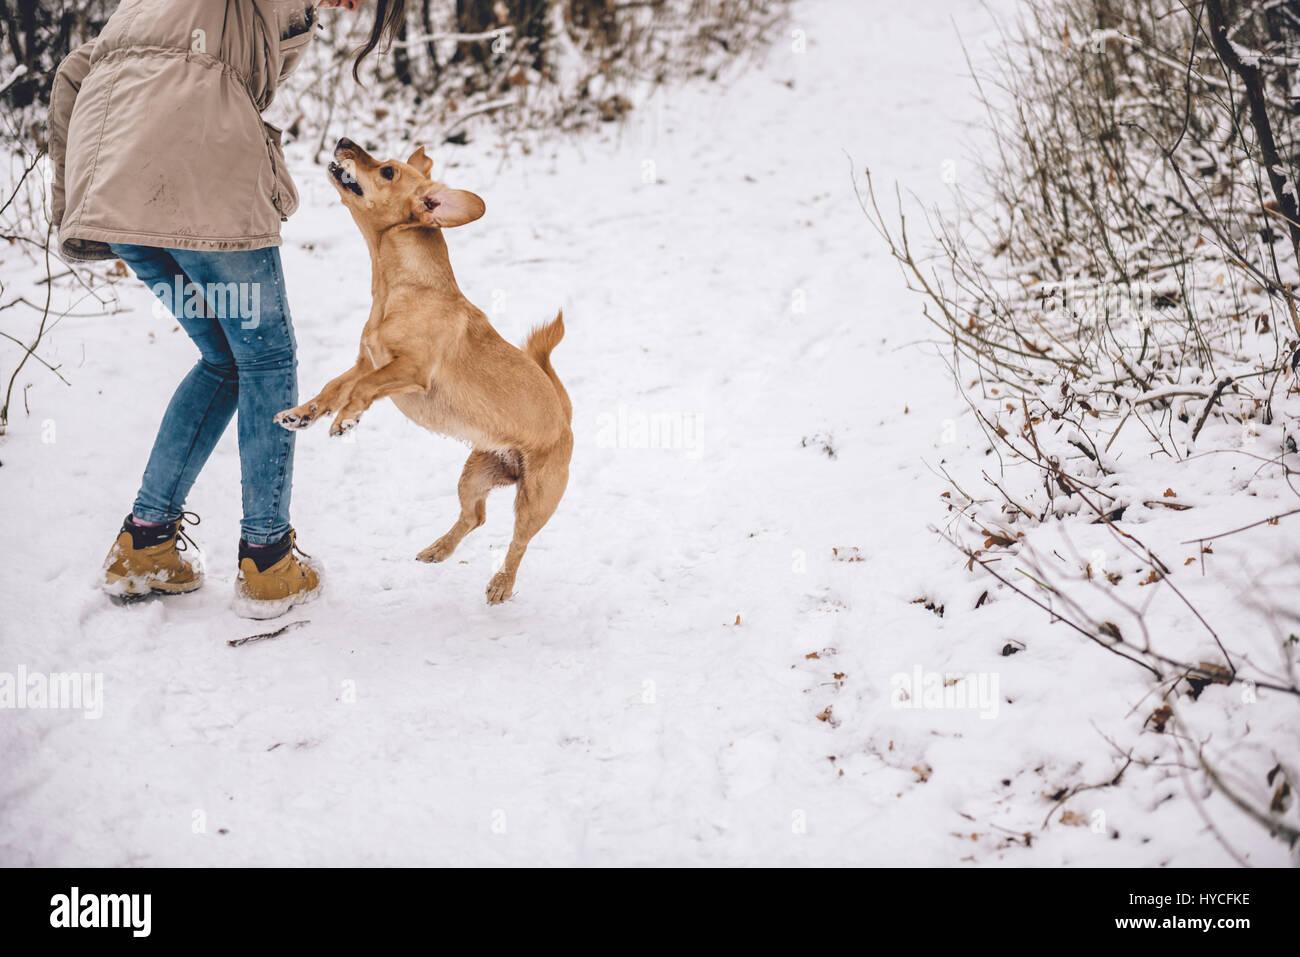 Fille de la randonnée dans la forêt d'hiver blanc avec chien Photo Stock